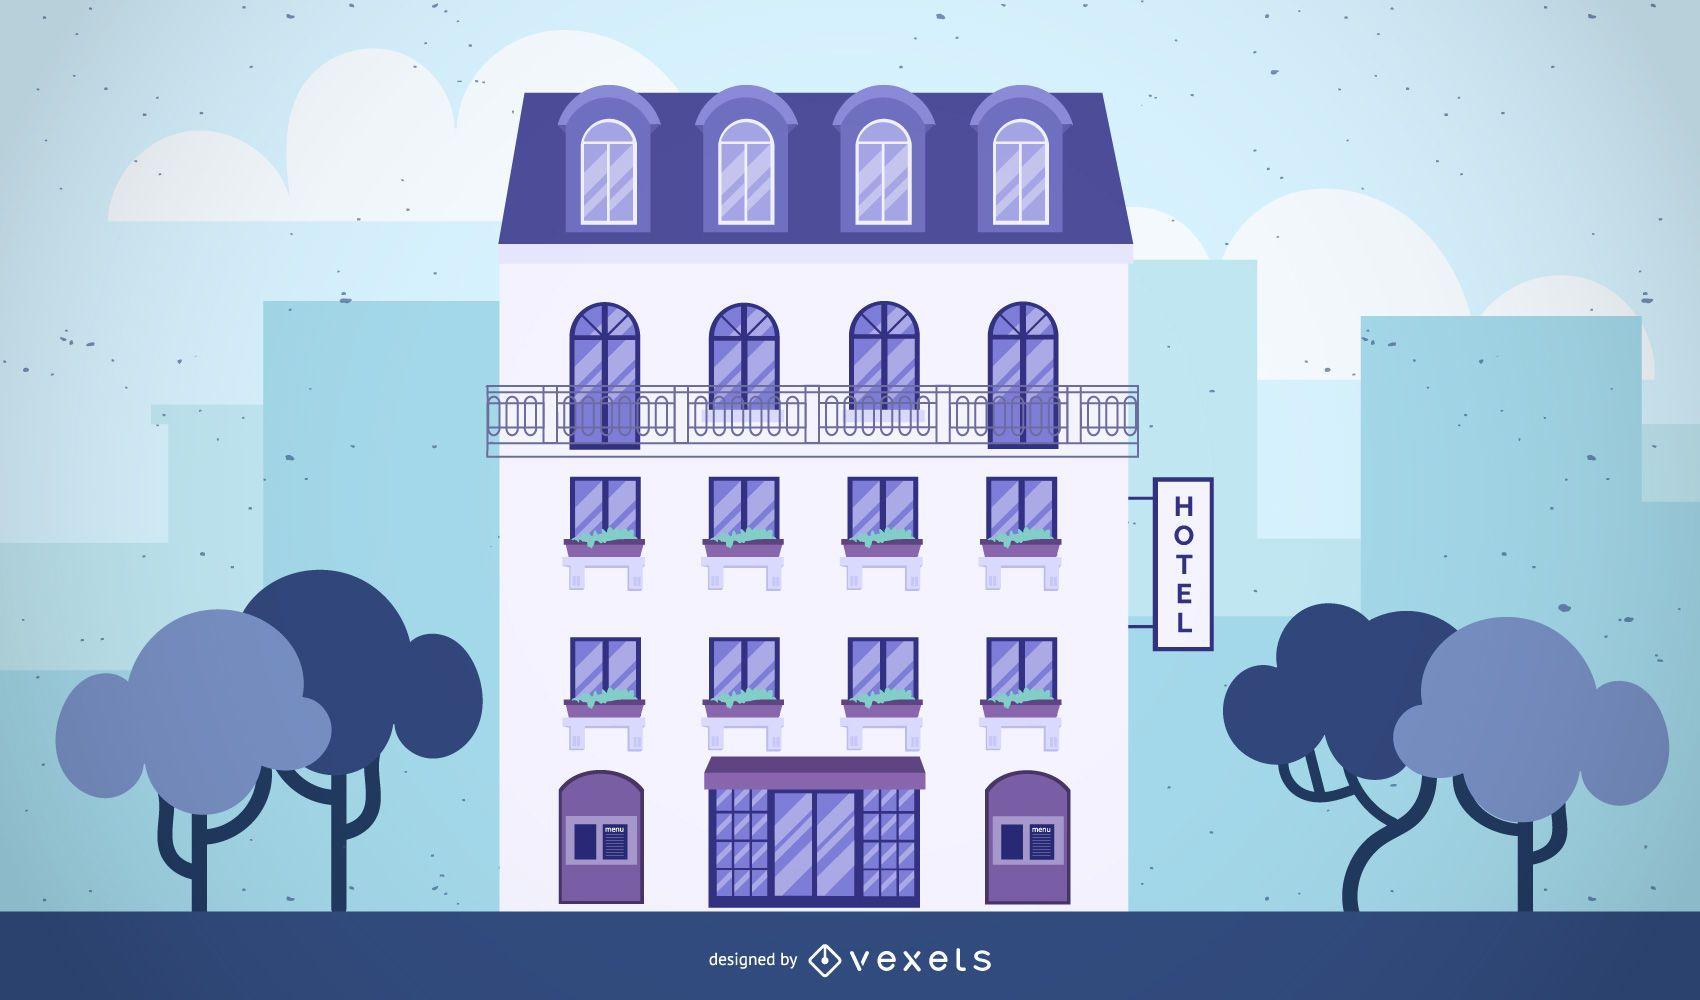 hotel building illustration design